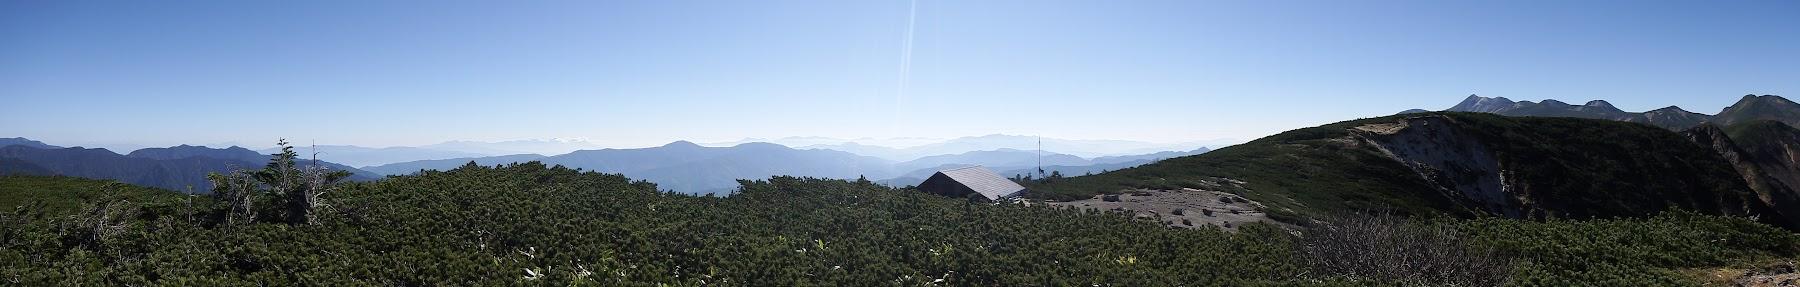 東方面のパノラマ